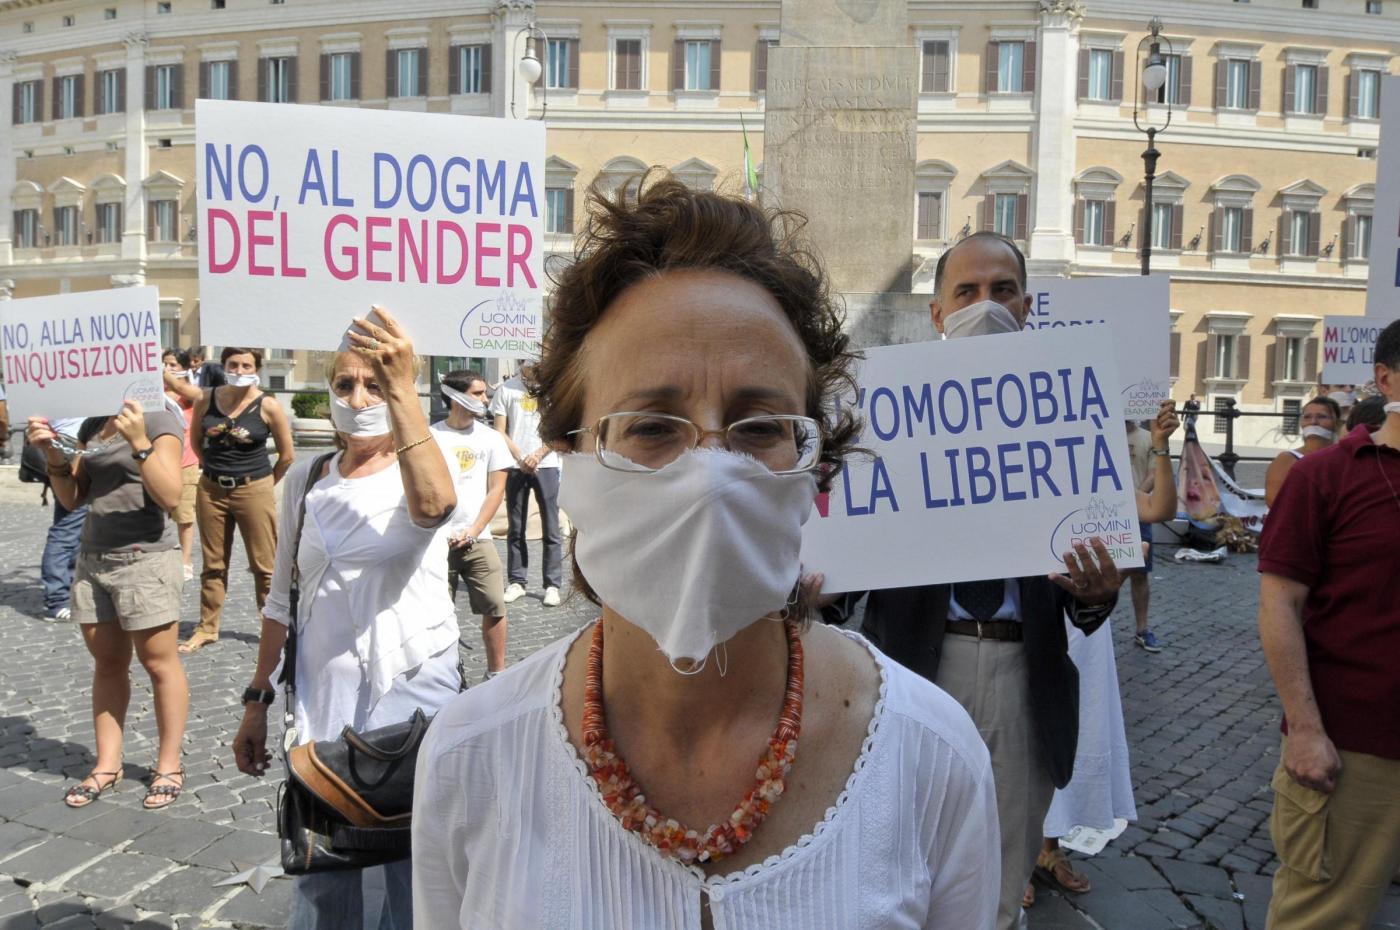 Piazza montecitorio flash mob per dire no alla legge for Piazza montecitorio 12